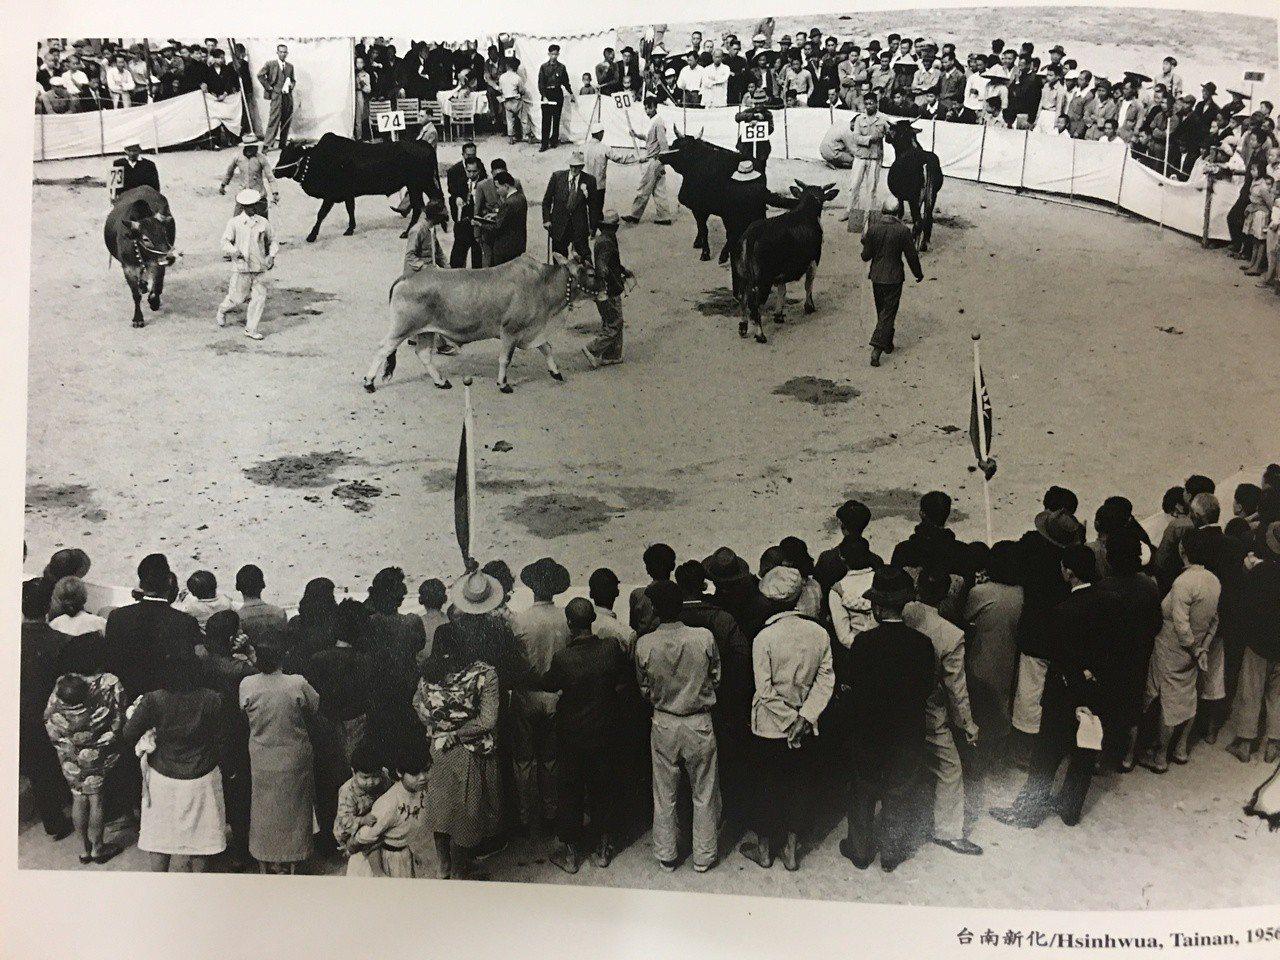 攝影家楊基炘接受農復會(農委會前身)委託,在1956年在台南新化拍攝可能是牛隻競...